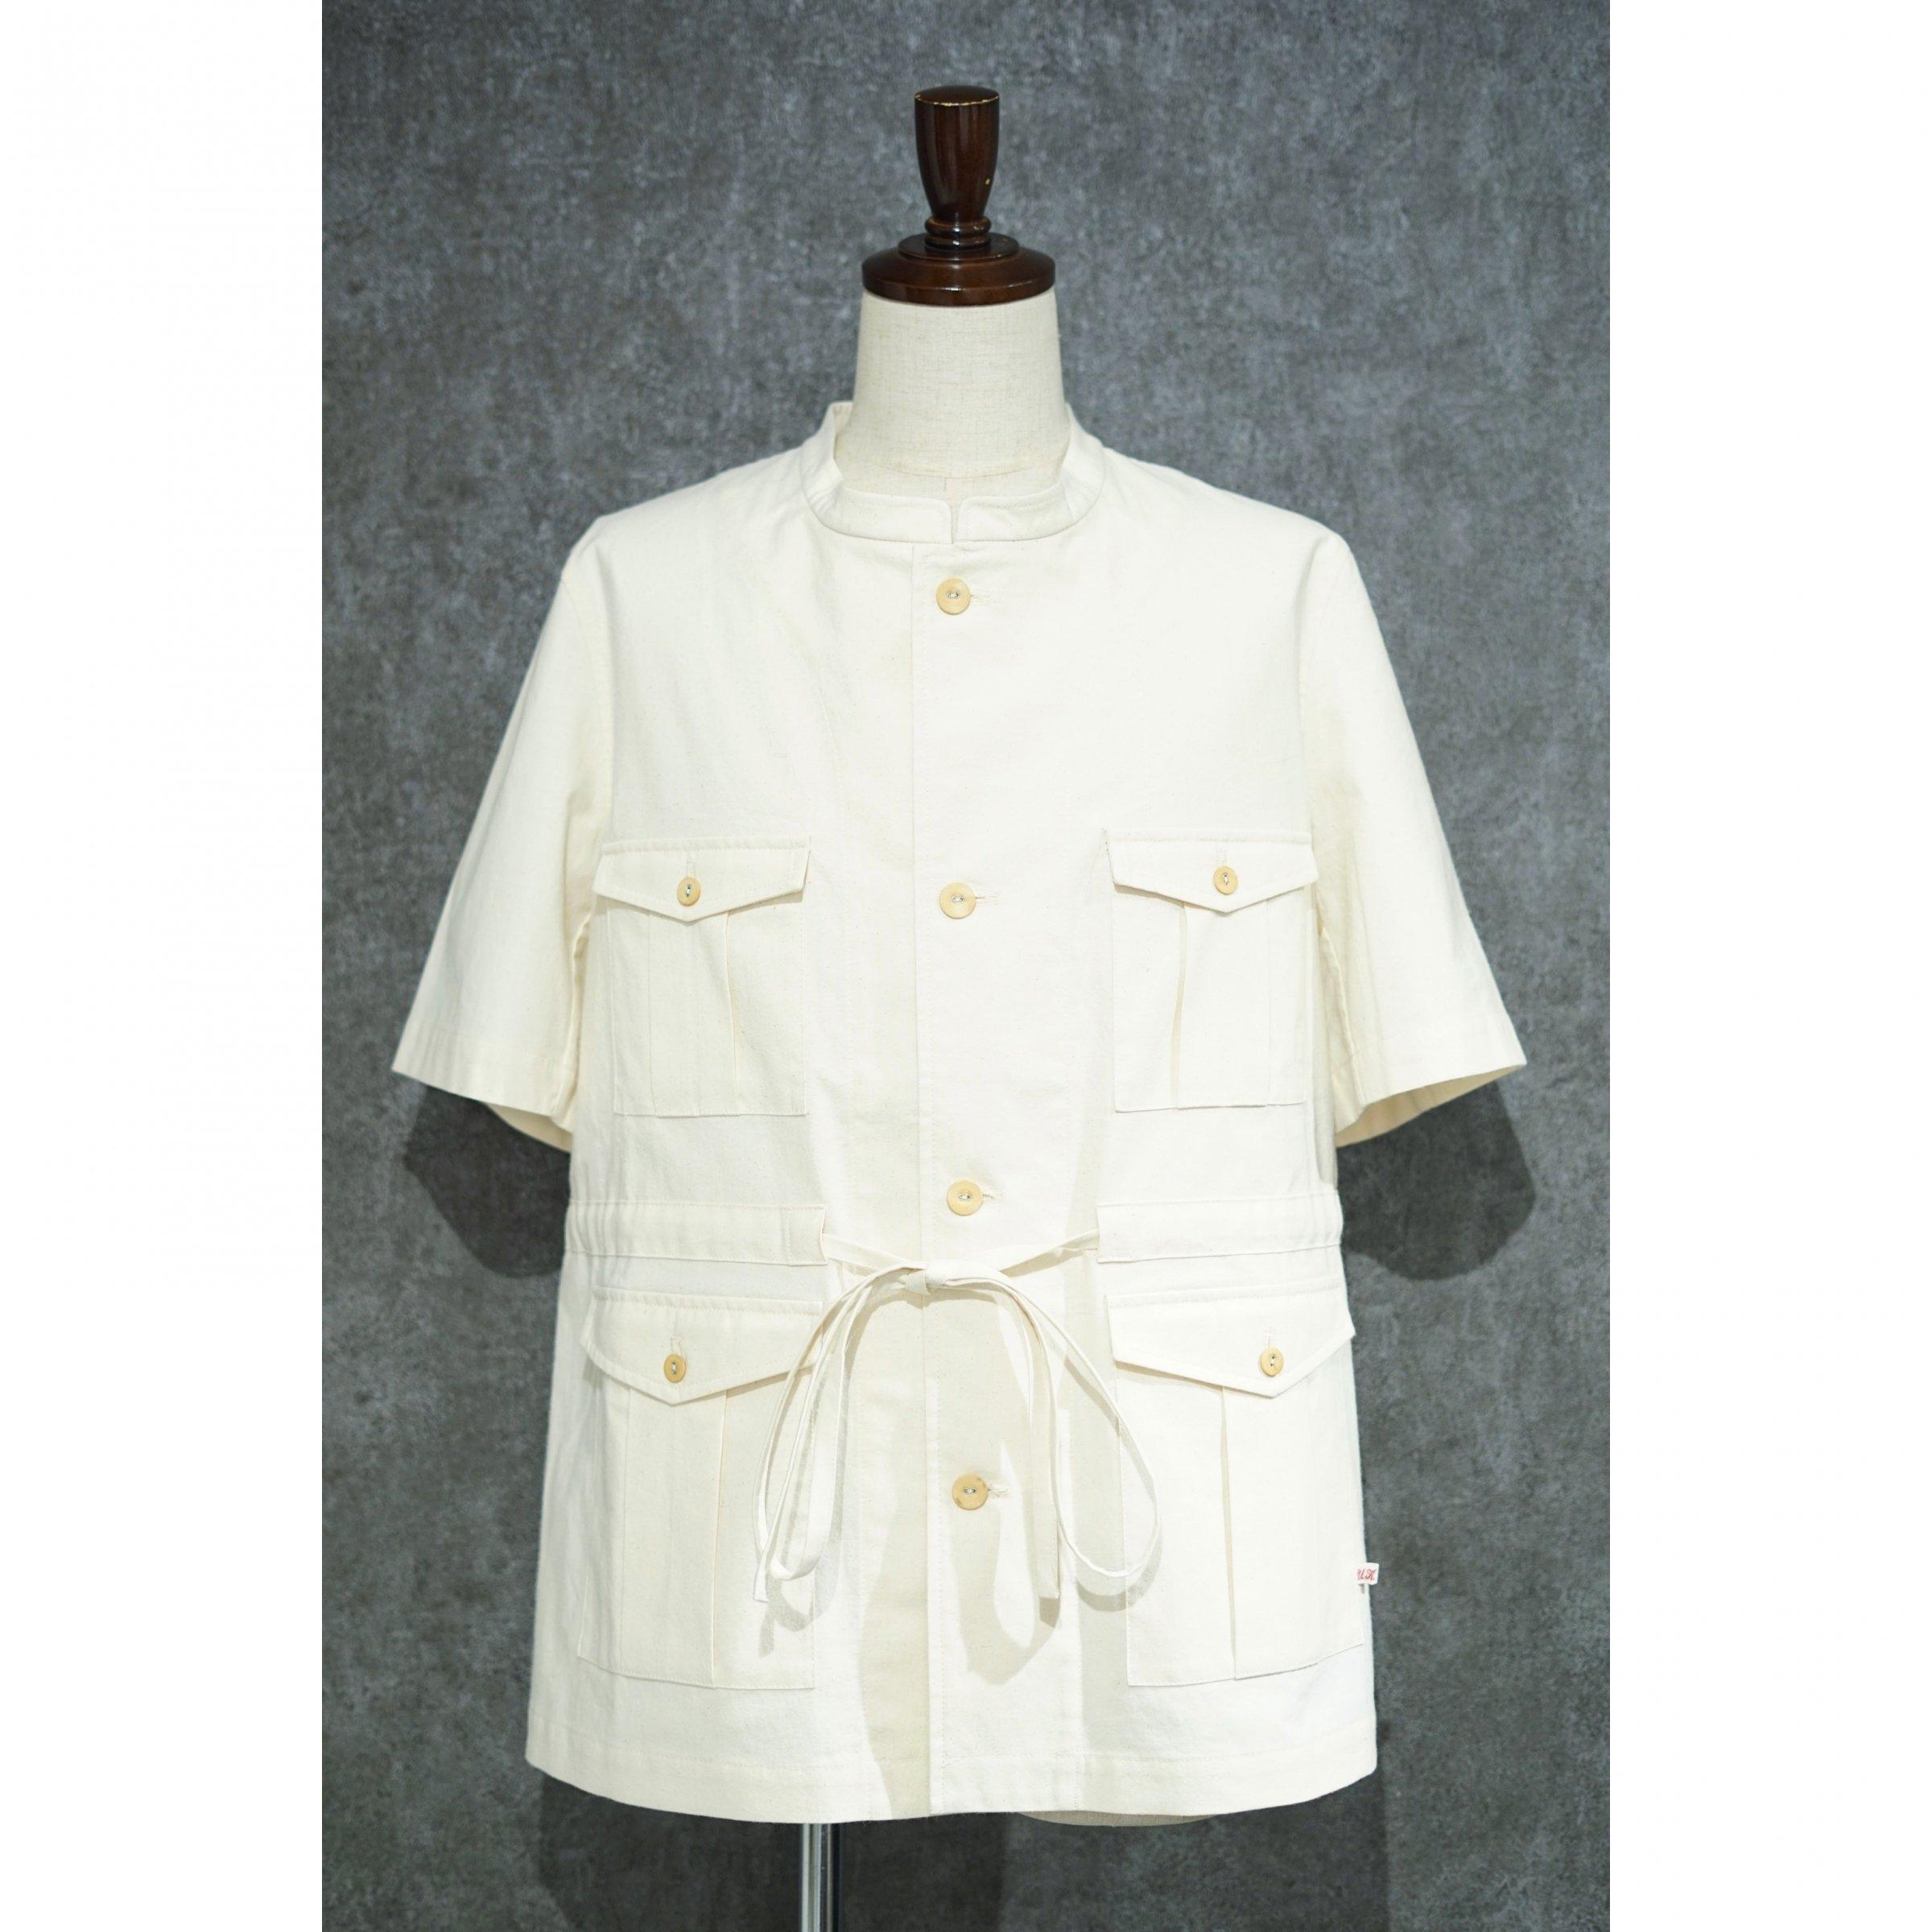 【FRANK LEDER】<br>ビンテージベッドシーツ<br>ドローストリングスショートスリーブシャツ